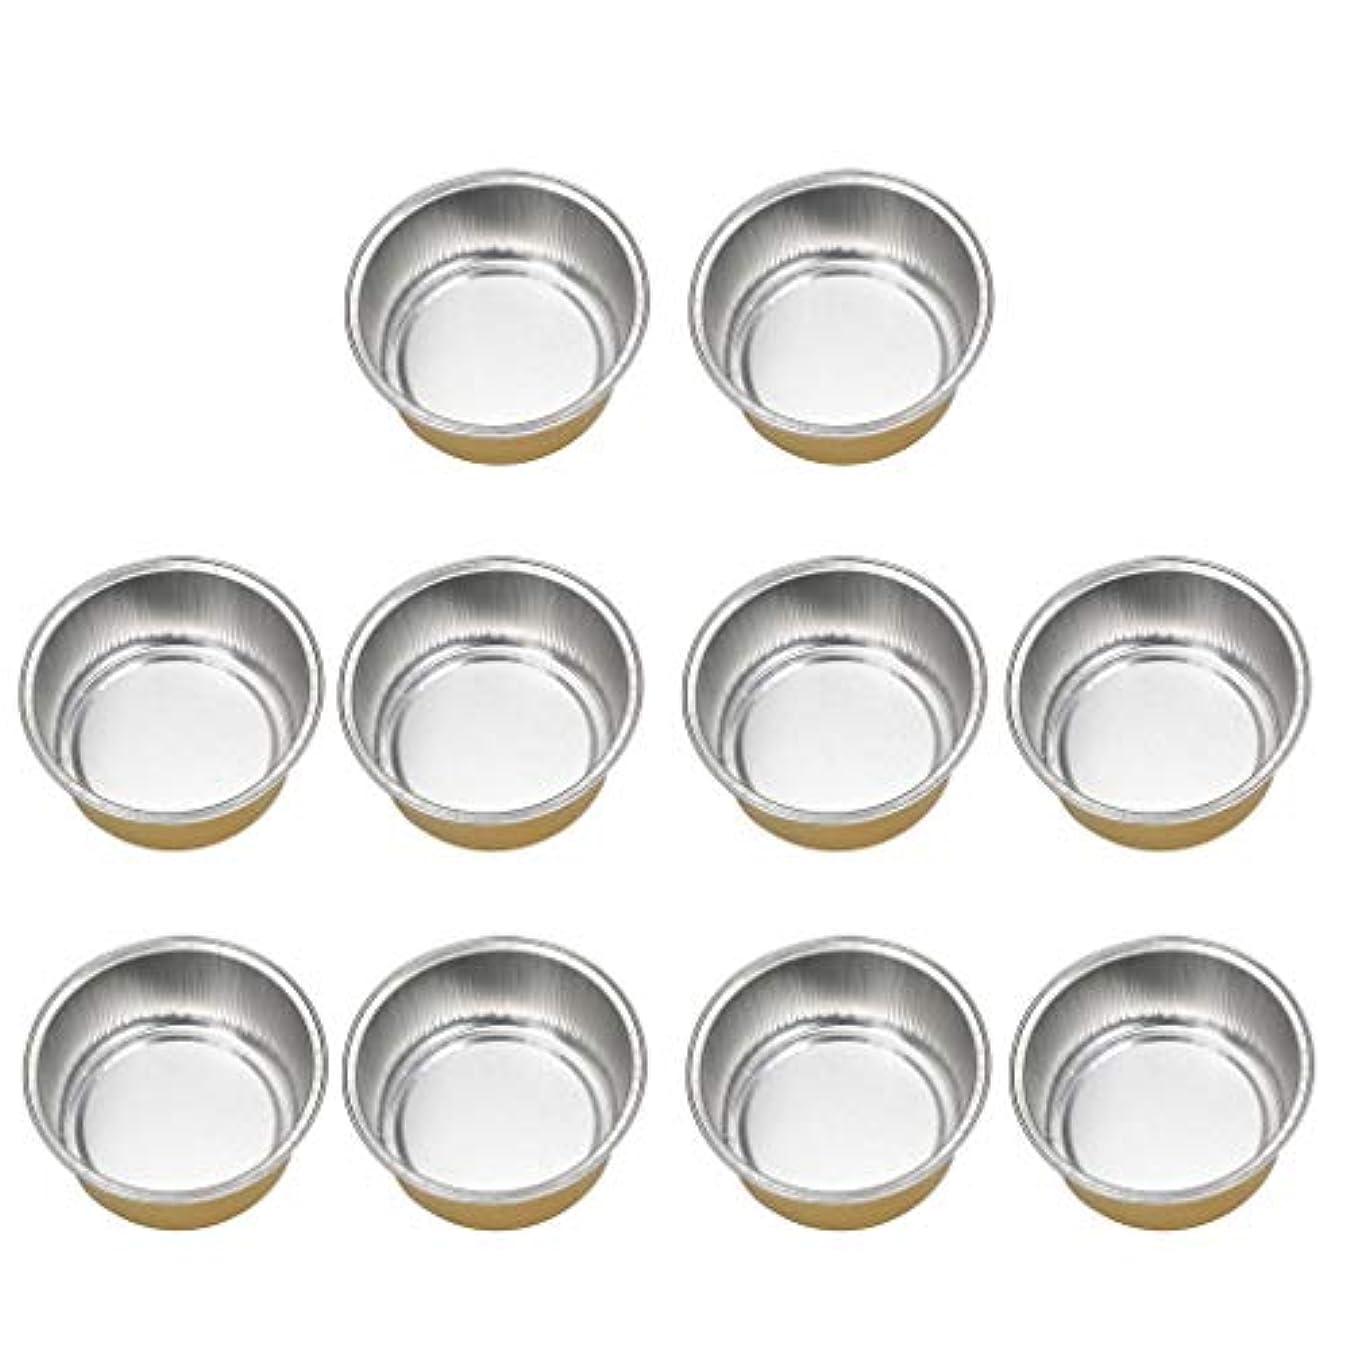 クローゼット持つドームPerfeclan 10個 アルミホイルボウル ワックスボウル ミニボウル ワックス豆体 融解ケース 衛生 2種選ぶ - ゴールデン2, 02